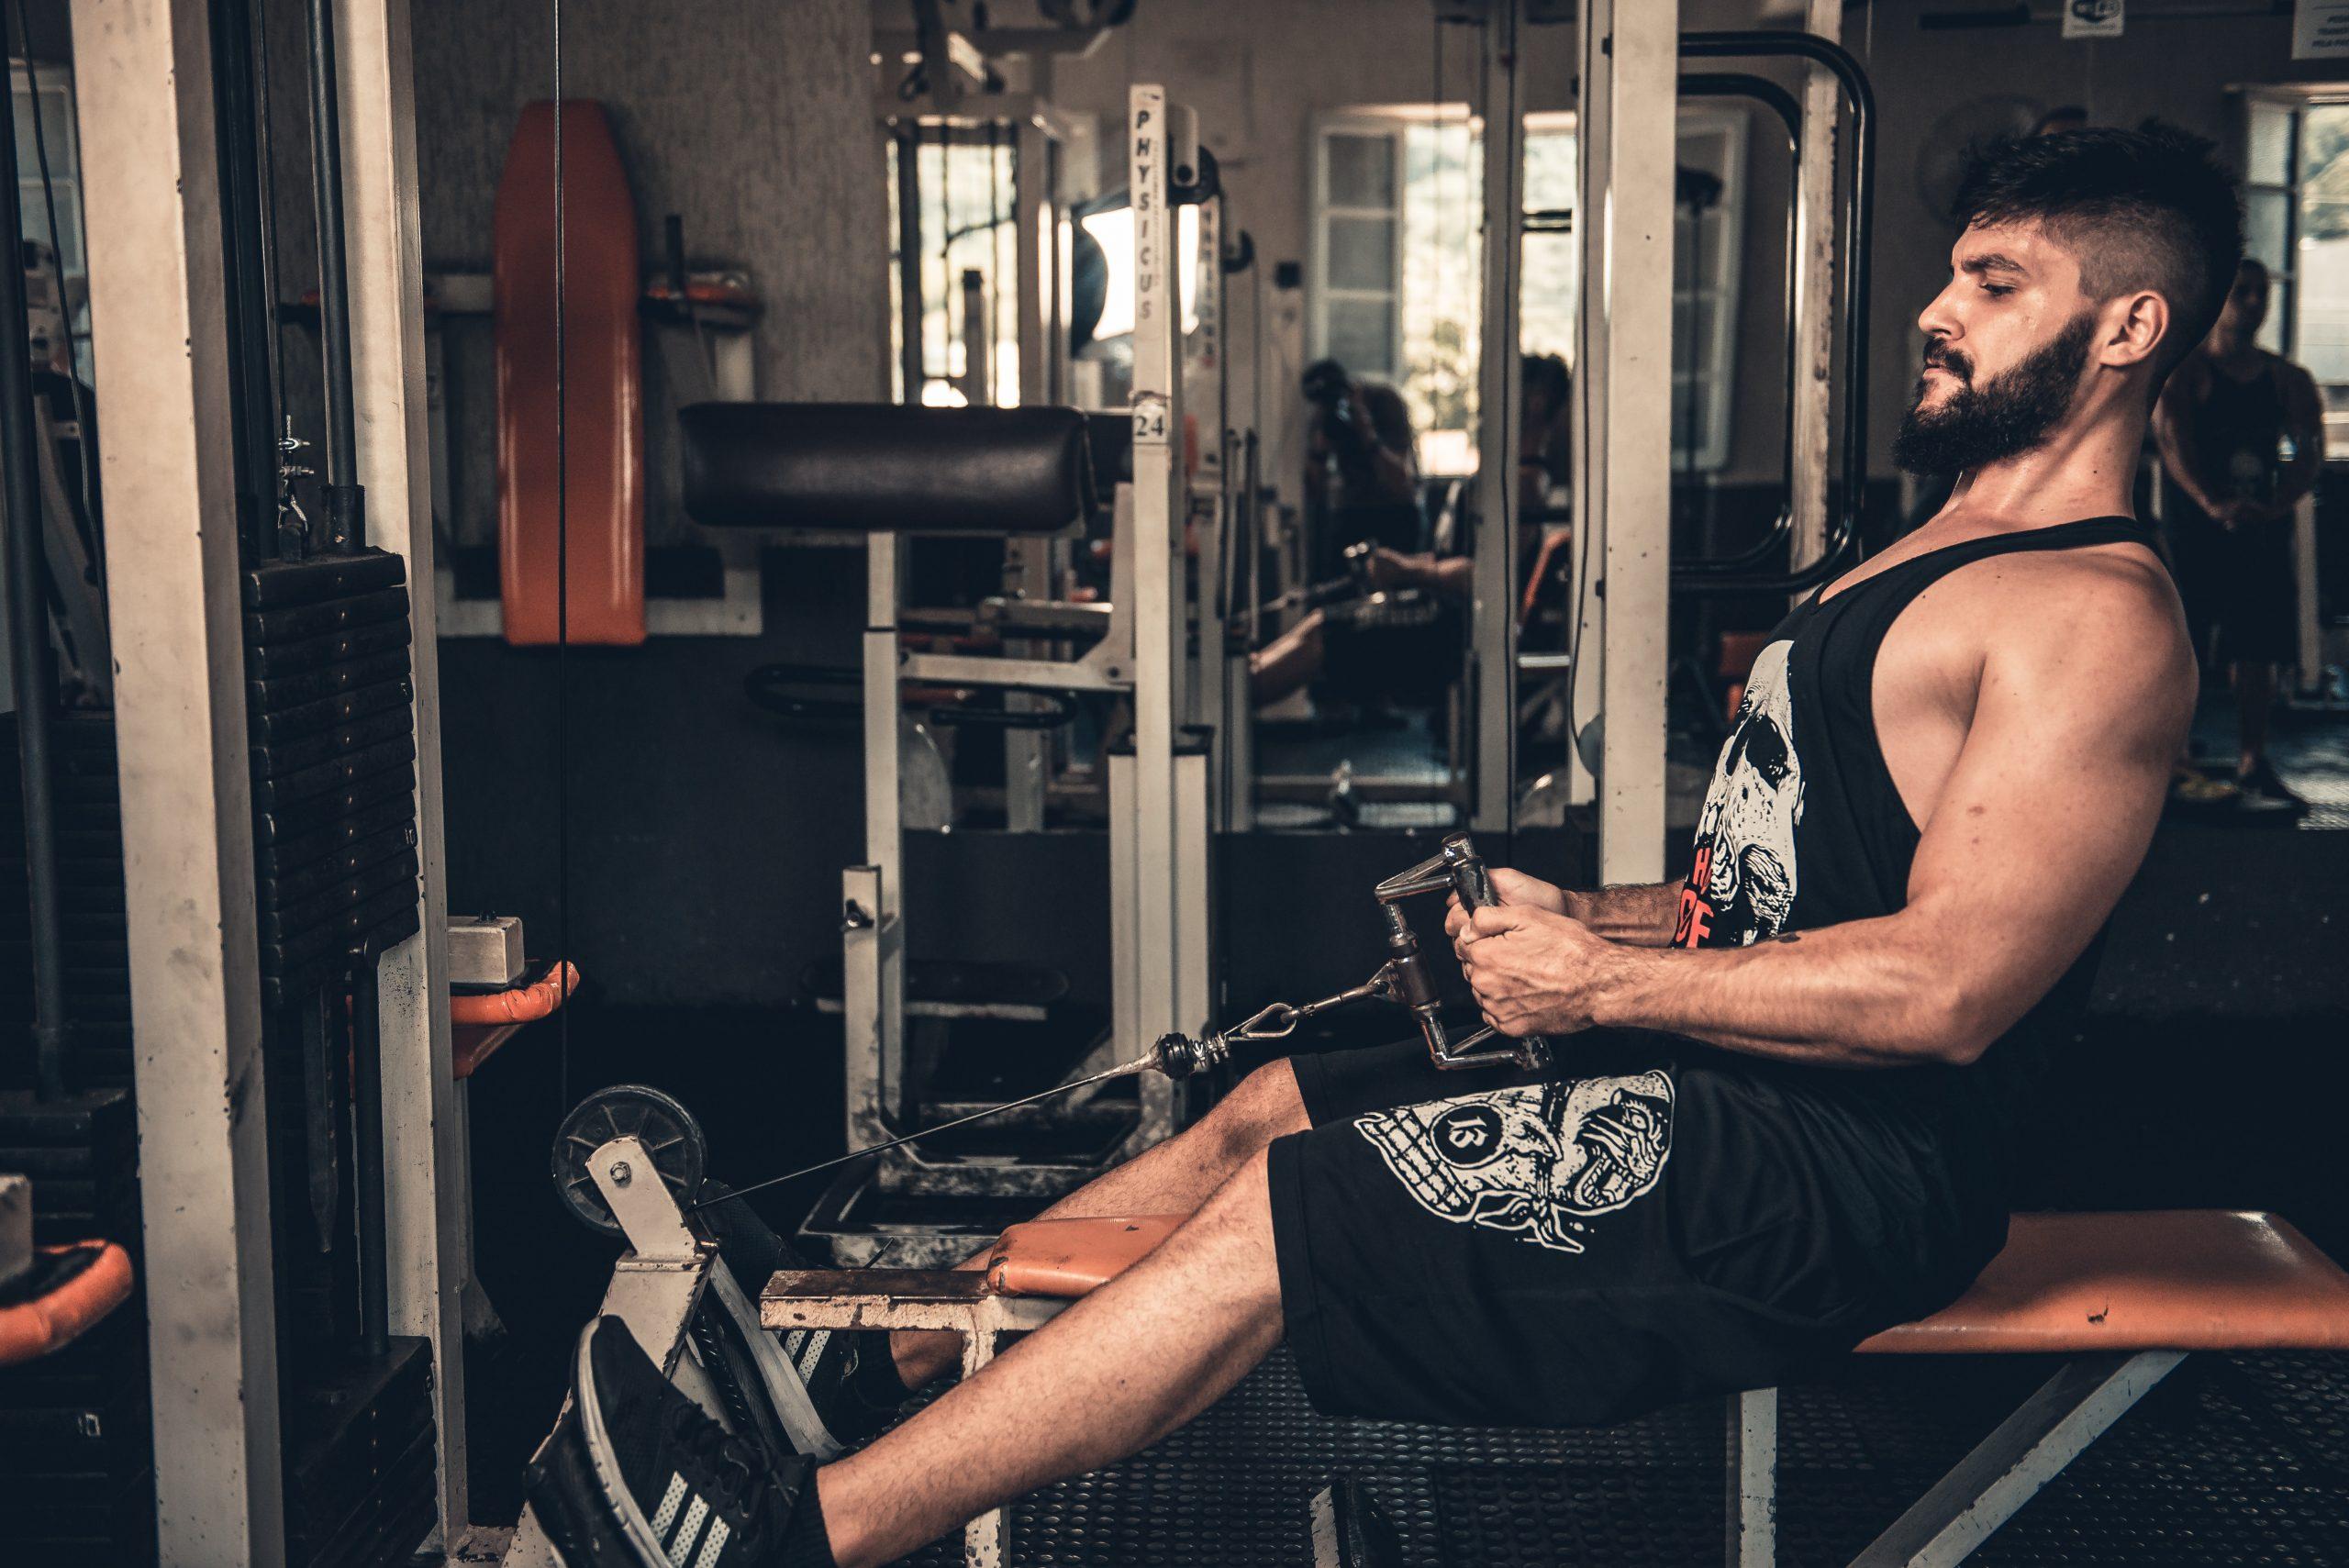 Homem com roupa esportiva fazendo movimento de remada na estação de musculação